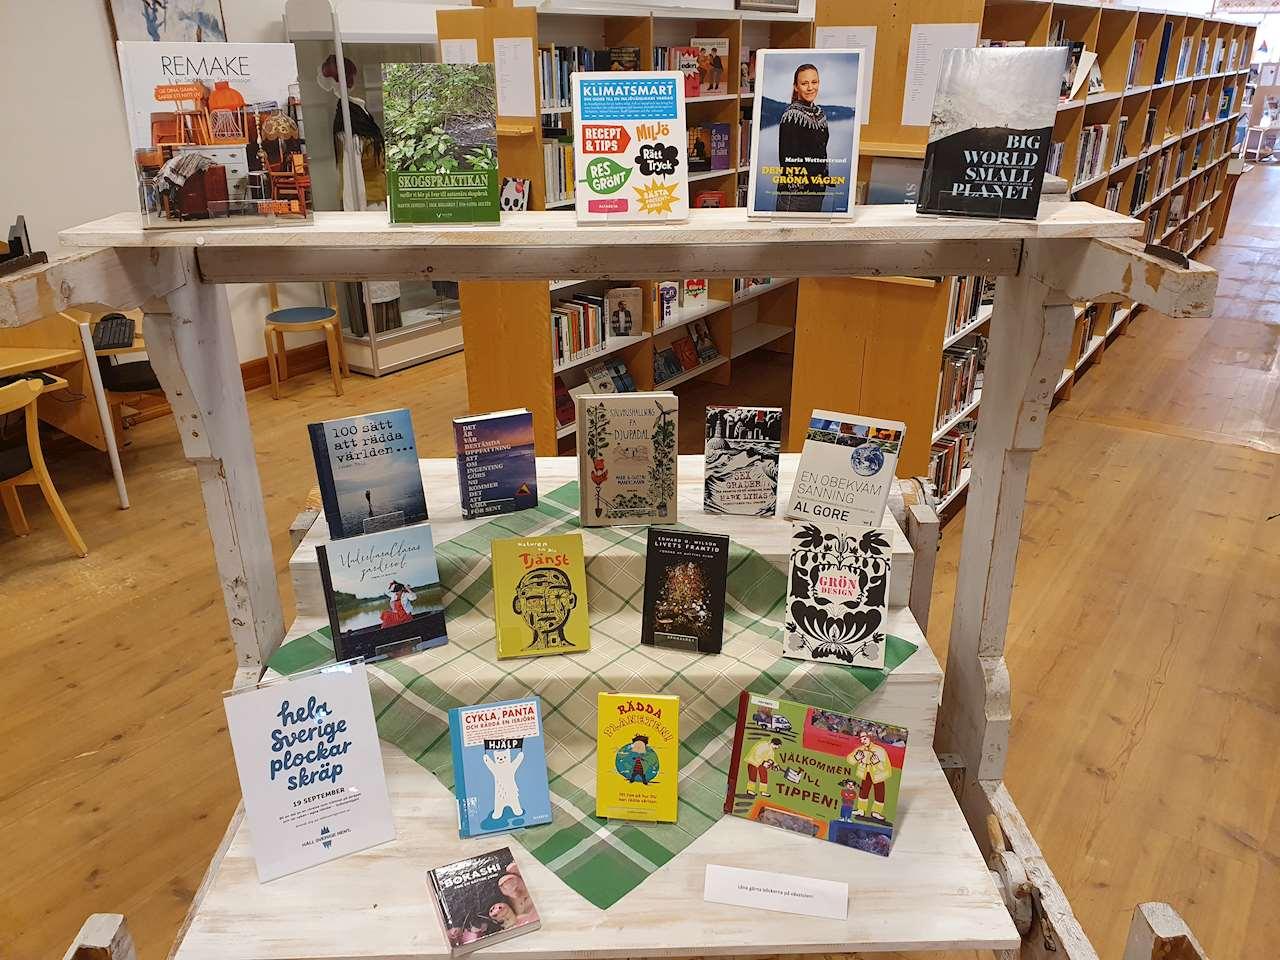 Vävstolen på Sorsele bibliotek där böcker om hållbarhet står.